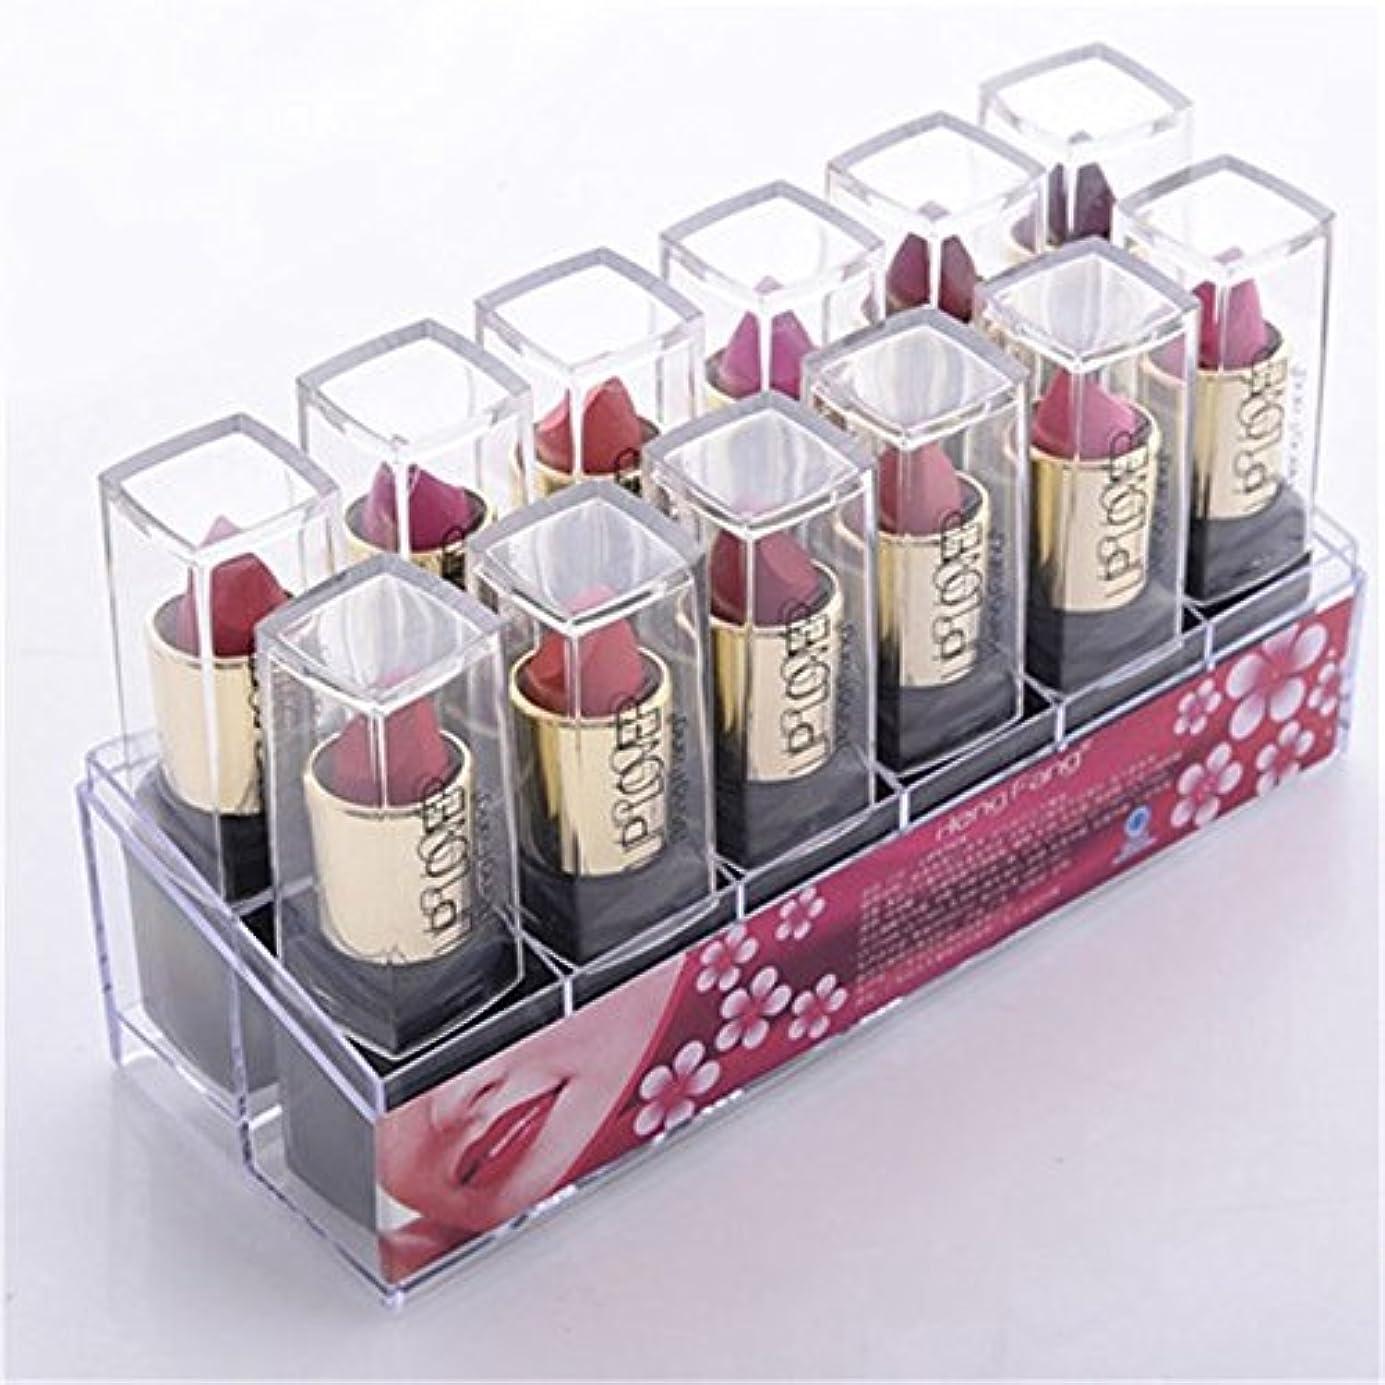 自治メトリック部分的に2017 New 12pcs/set Lipsticks Sex Nude Lip Matte Kits Long Lasting Waterproof Pigment Matte Makeup Lipstick Set...